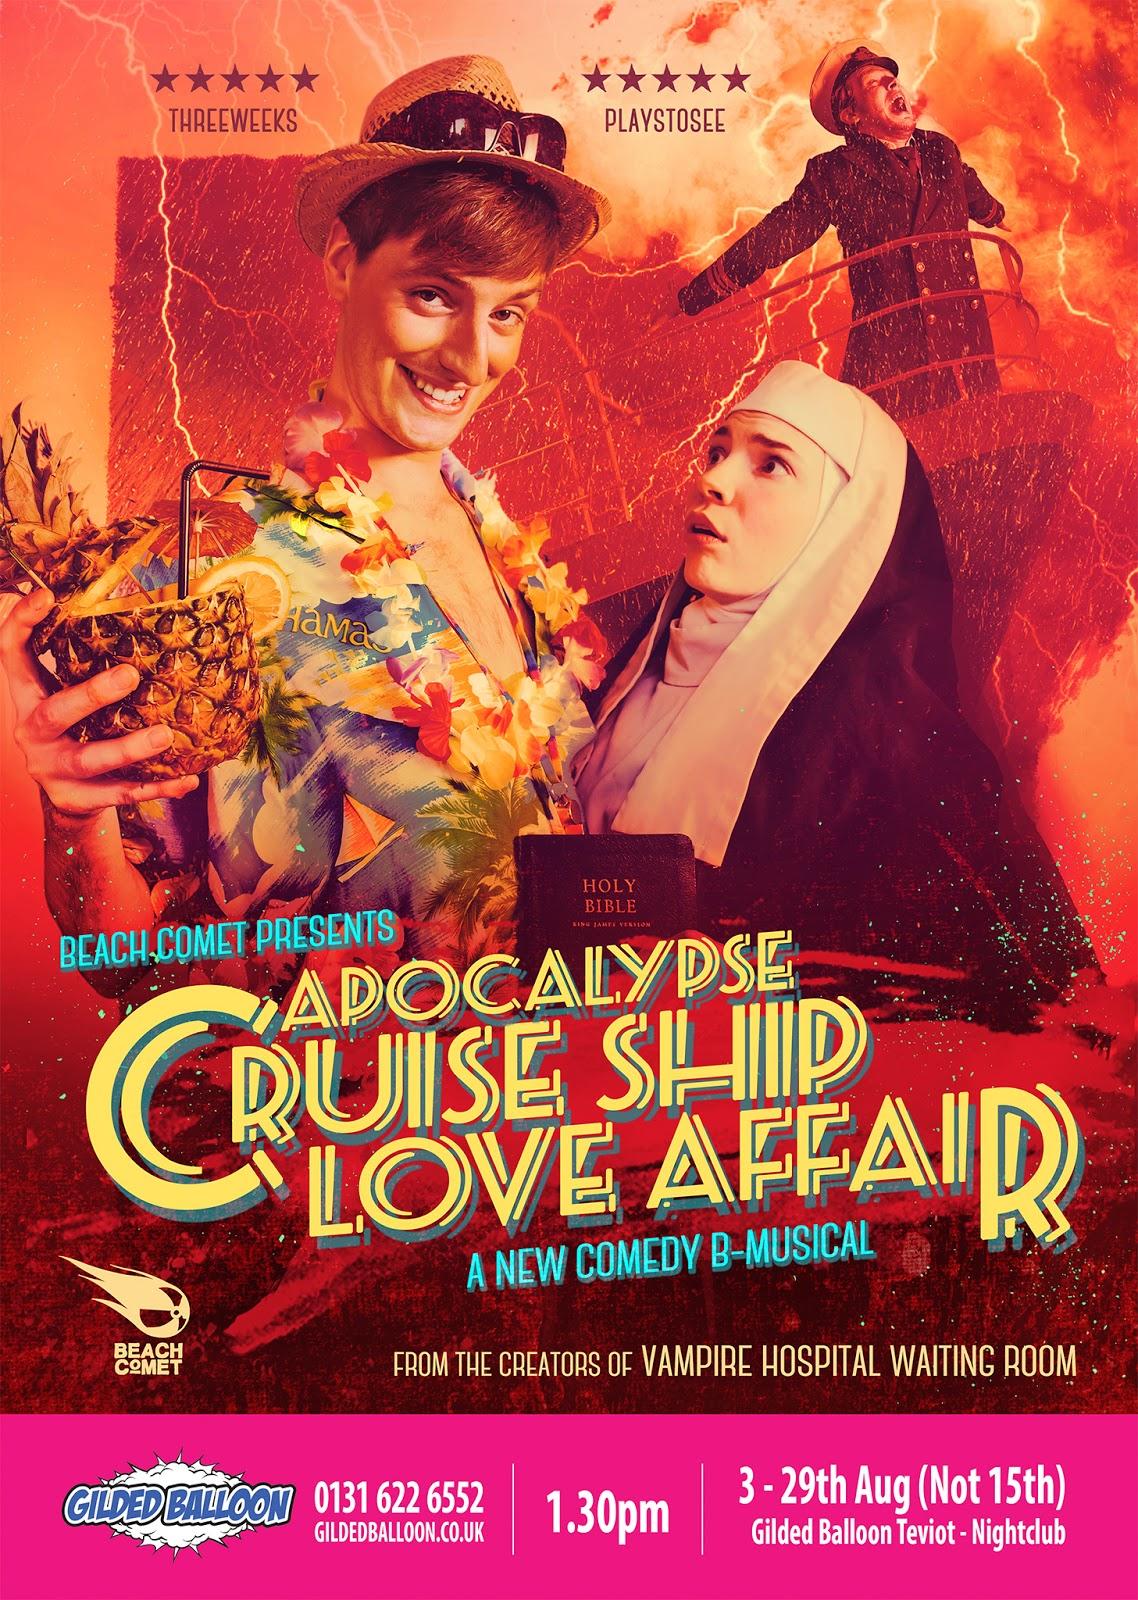 foster wallace cruise essay apocalypse dramaturgy theo mccabe edfringe the vile